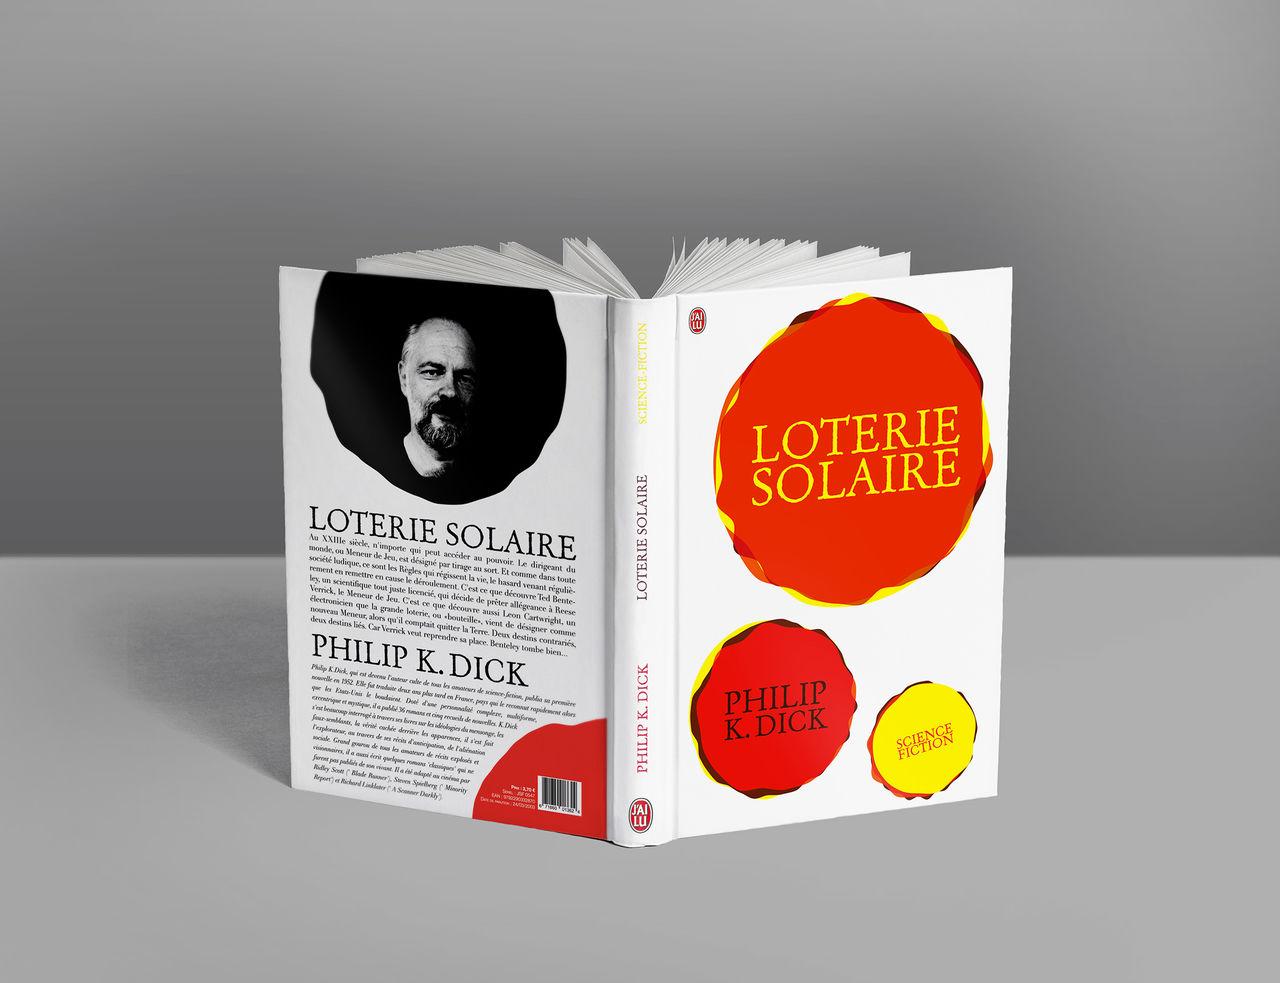 Couverture livre Philip K. Dick